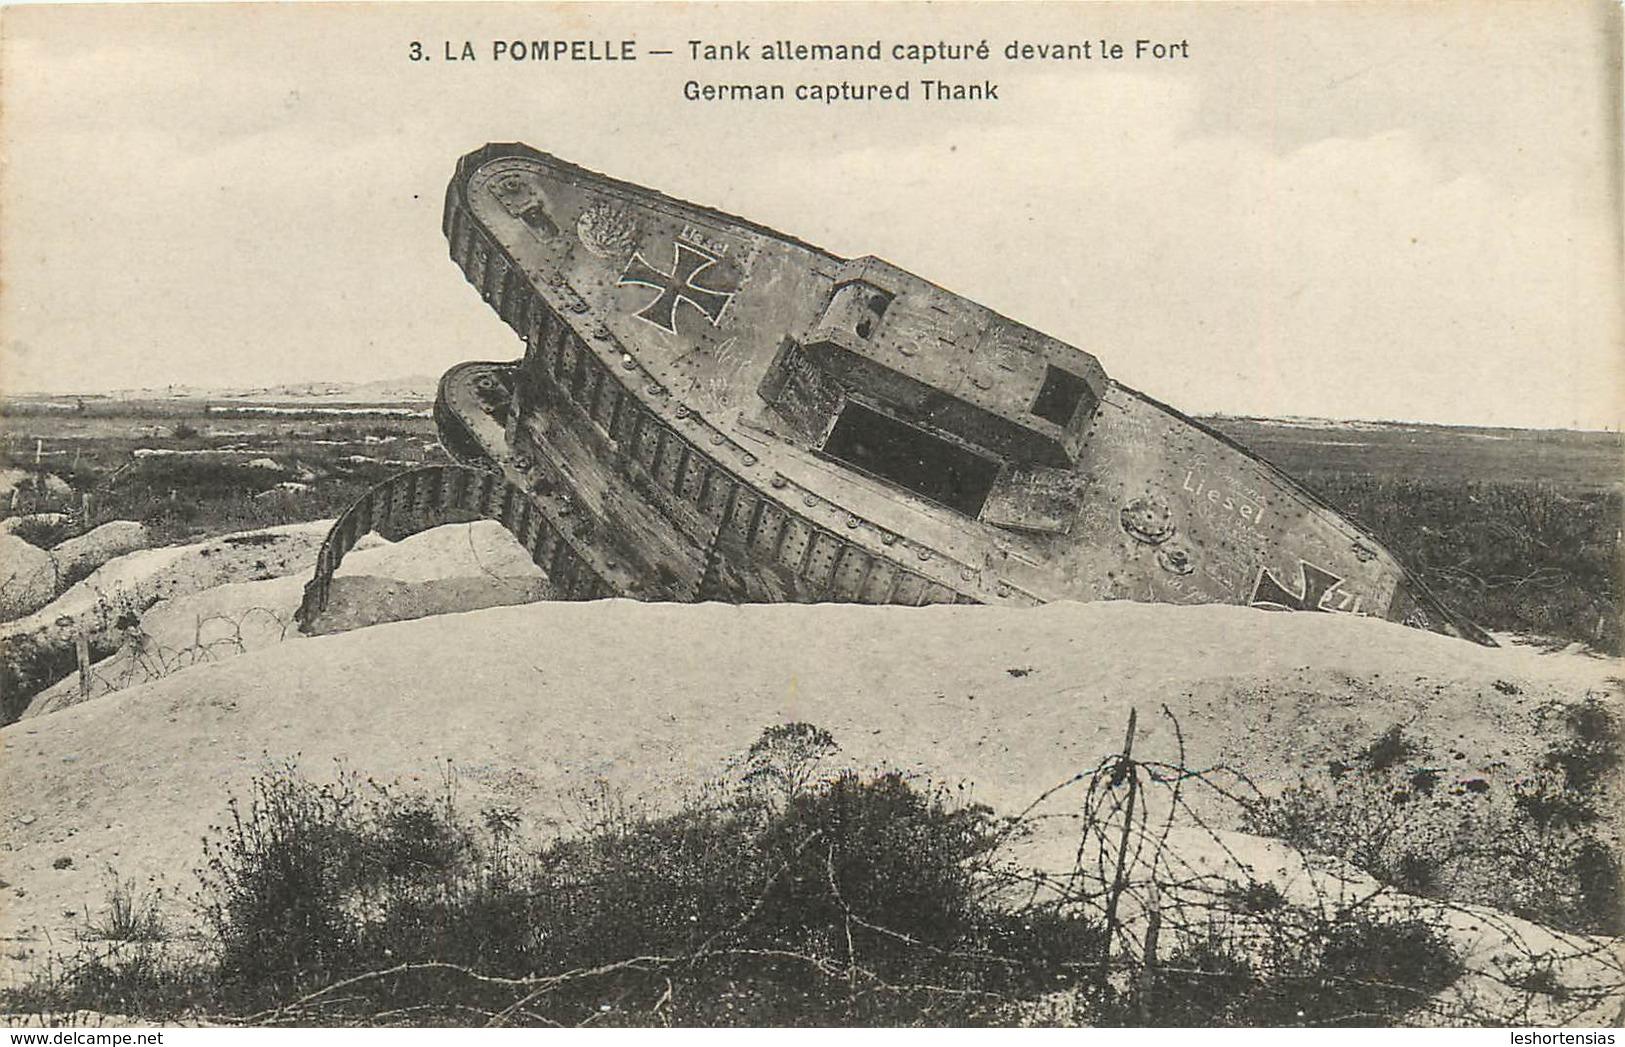 LA POMPELLE TANK ALLEMAND CAPTURE DEVANT LE FORT - Weltkrieg 1914-18